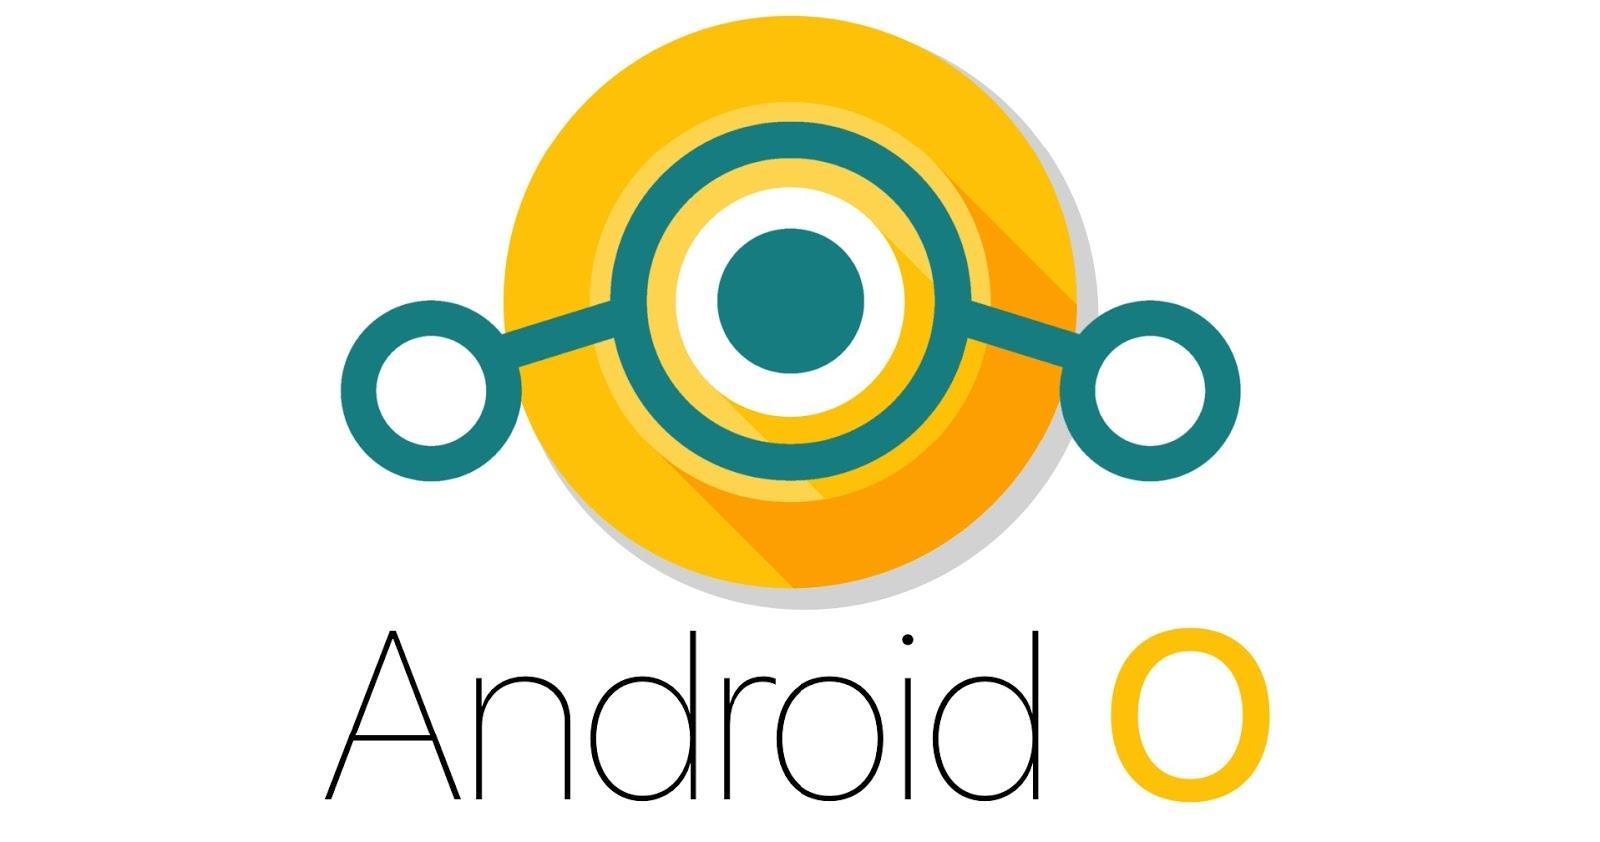 Girl Android Blazer 8 0 Design Oreo: How To Install Android 8.0 Oreo On Moto G4 Plus Via